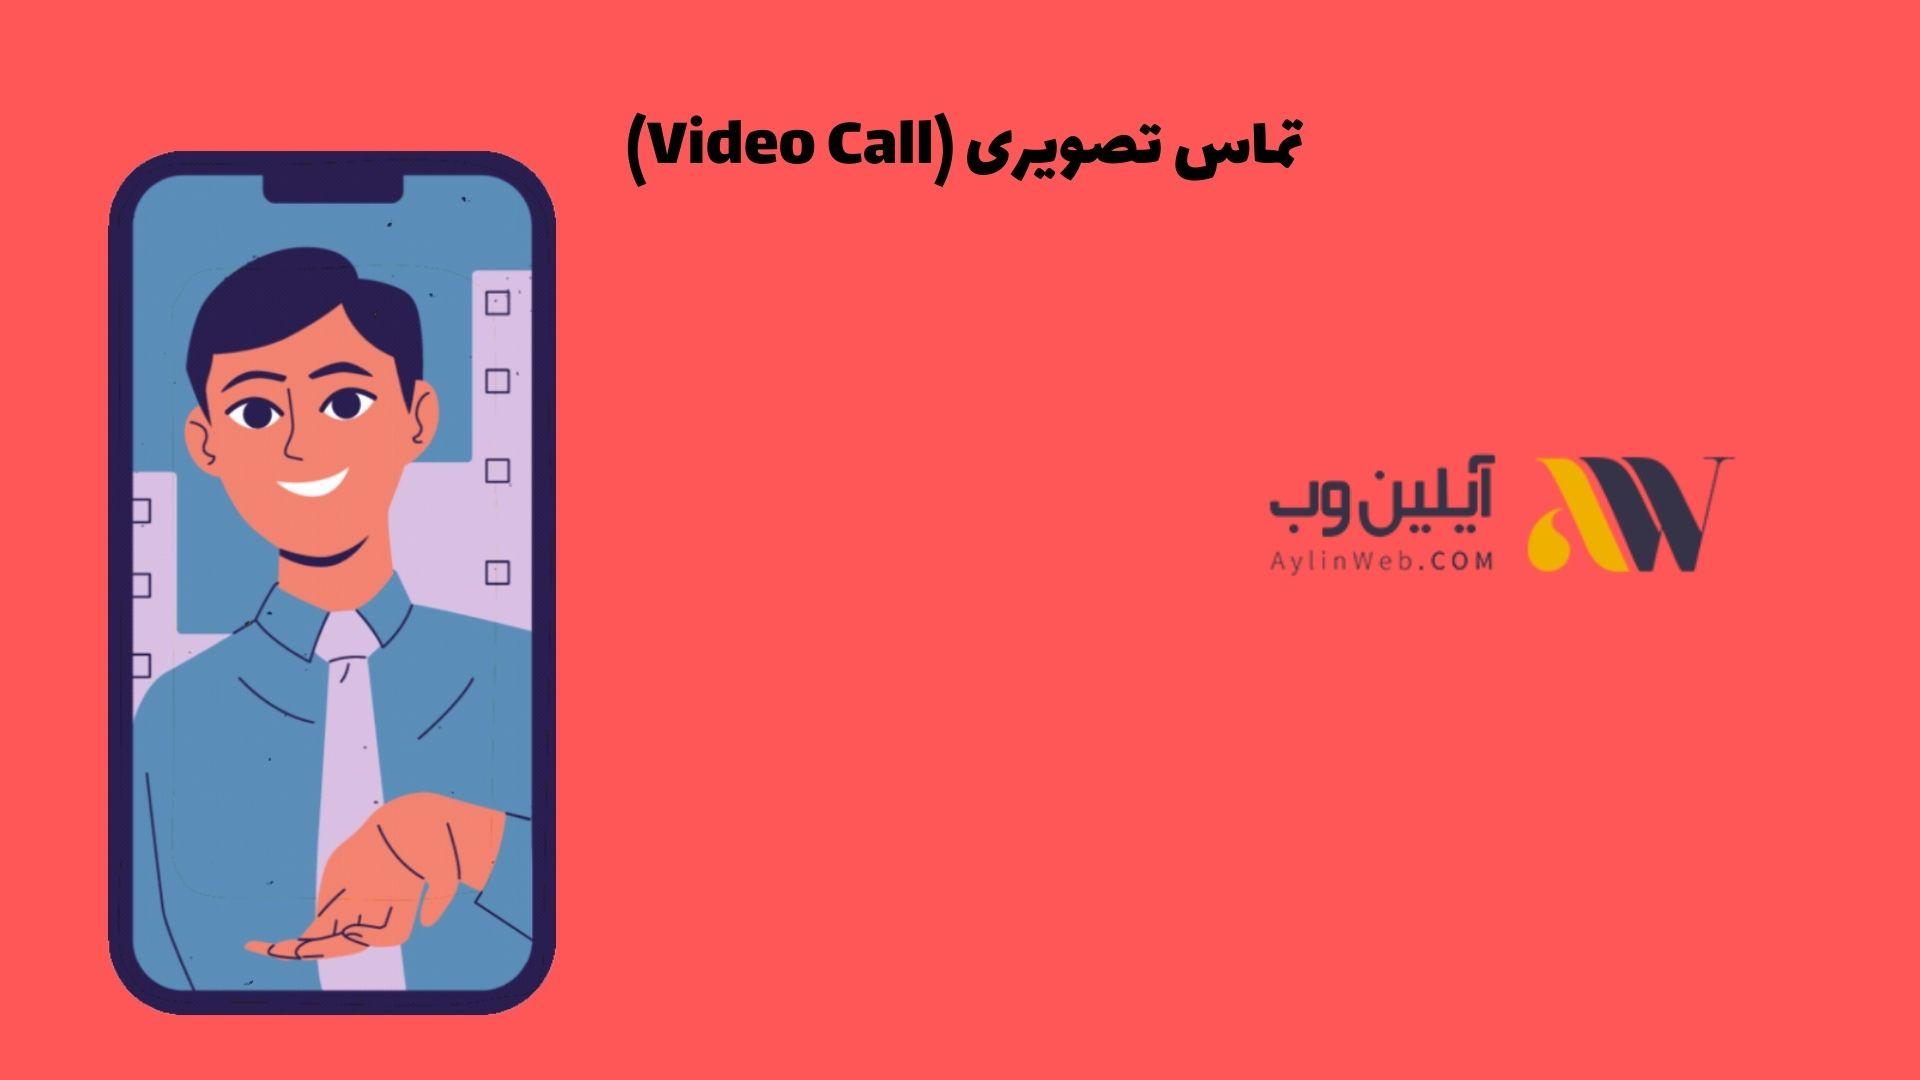 تماس تصویری (Video Call)